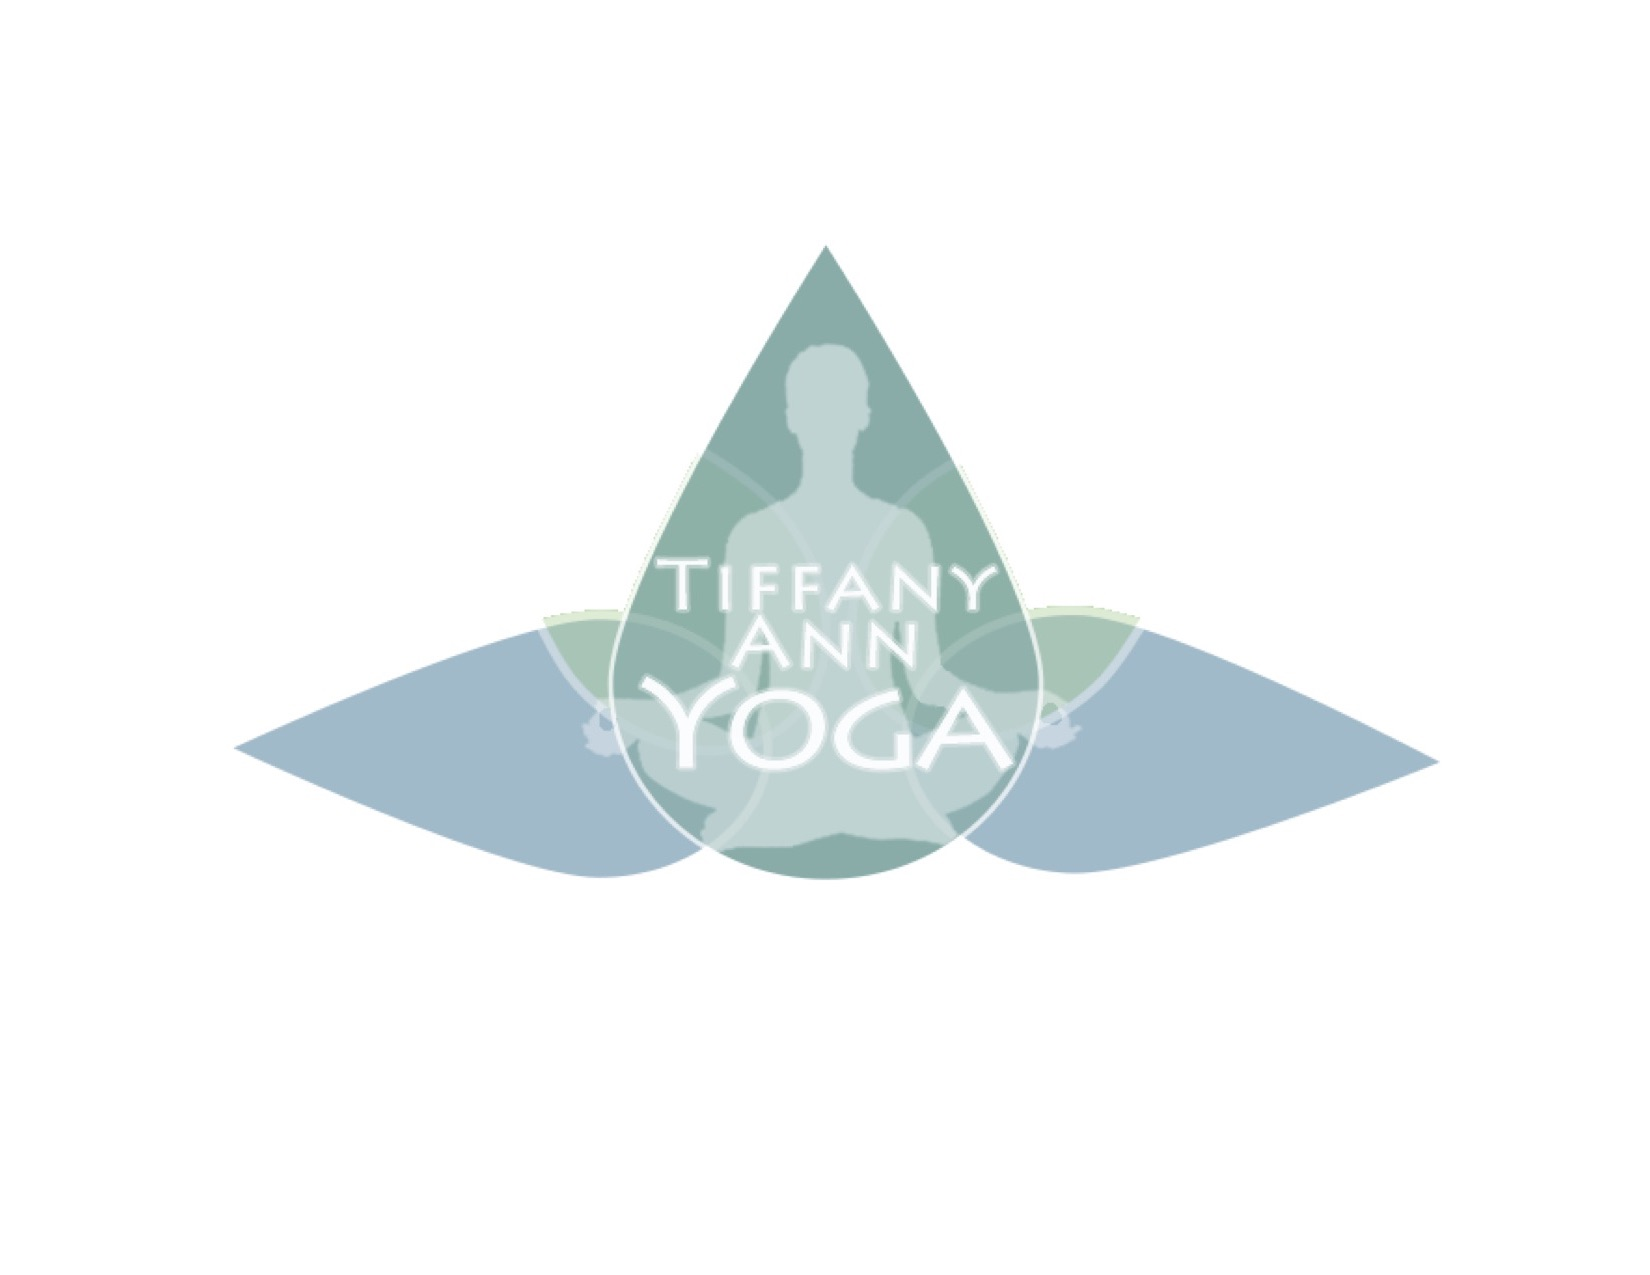 tiffany ann yoga